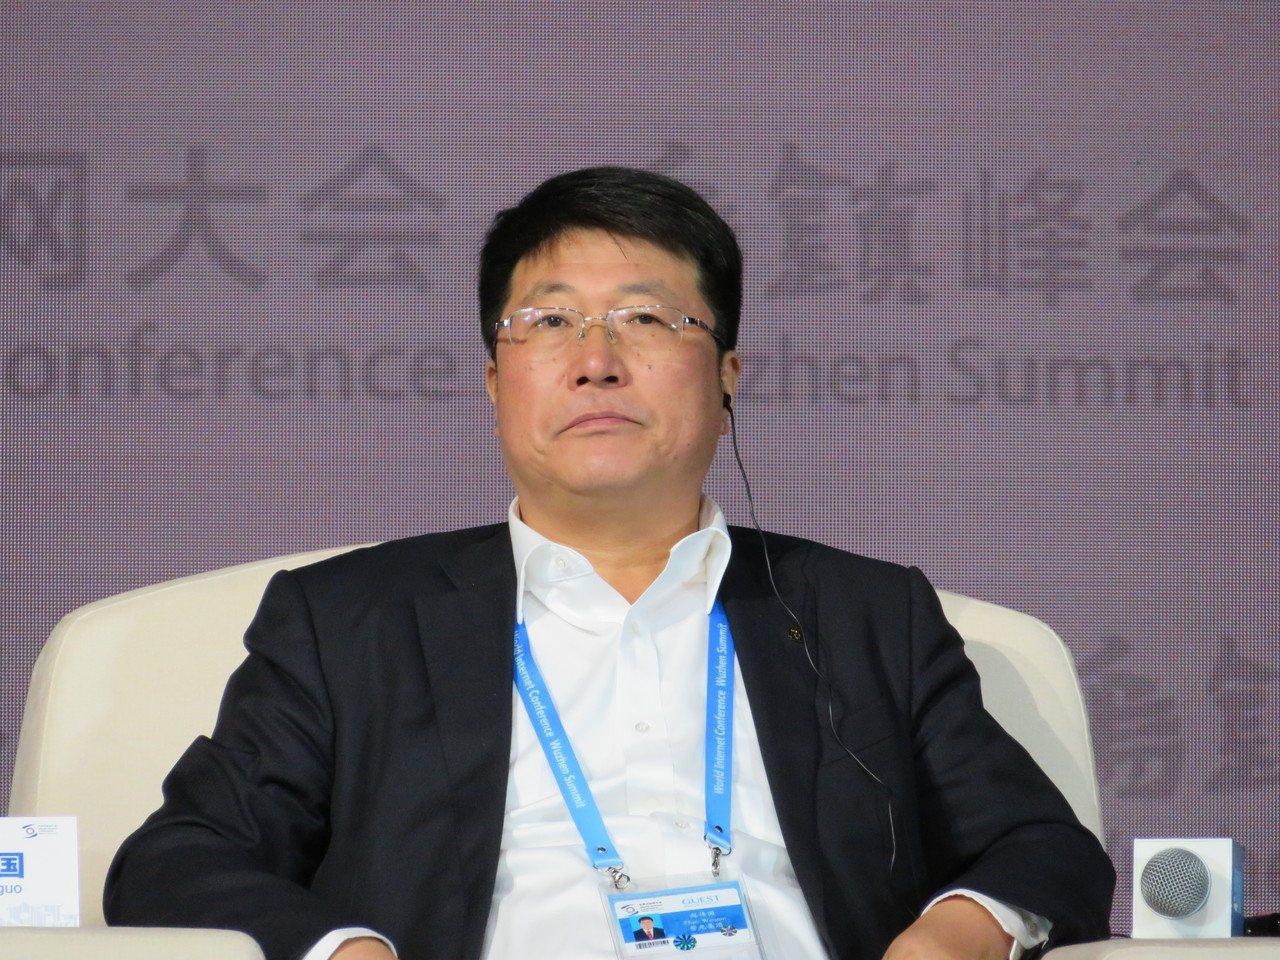 紫光集團董事長趙偉國稱,大陸半導體產業與世界領先國家仍有相當大的差距。(本報系資...